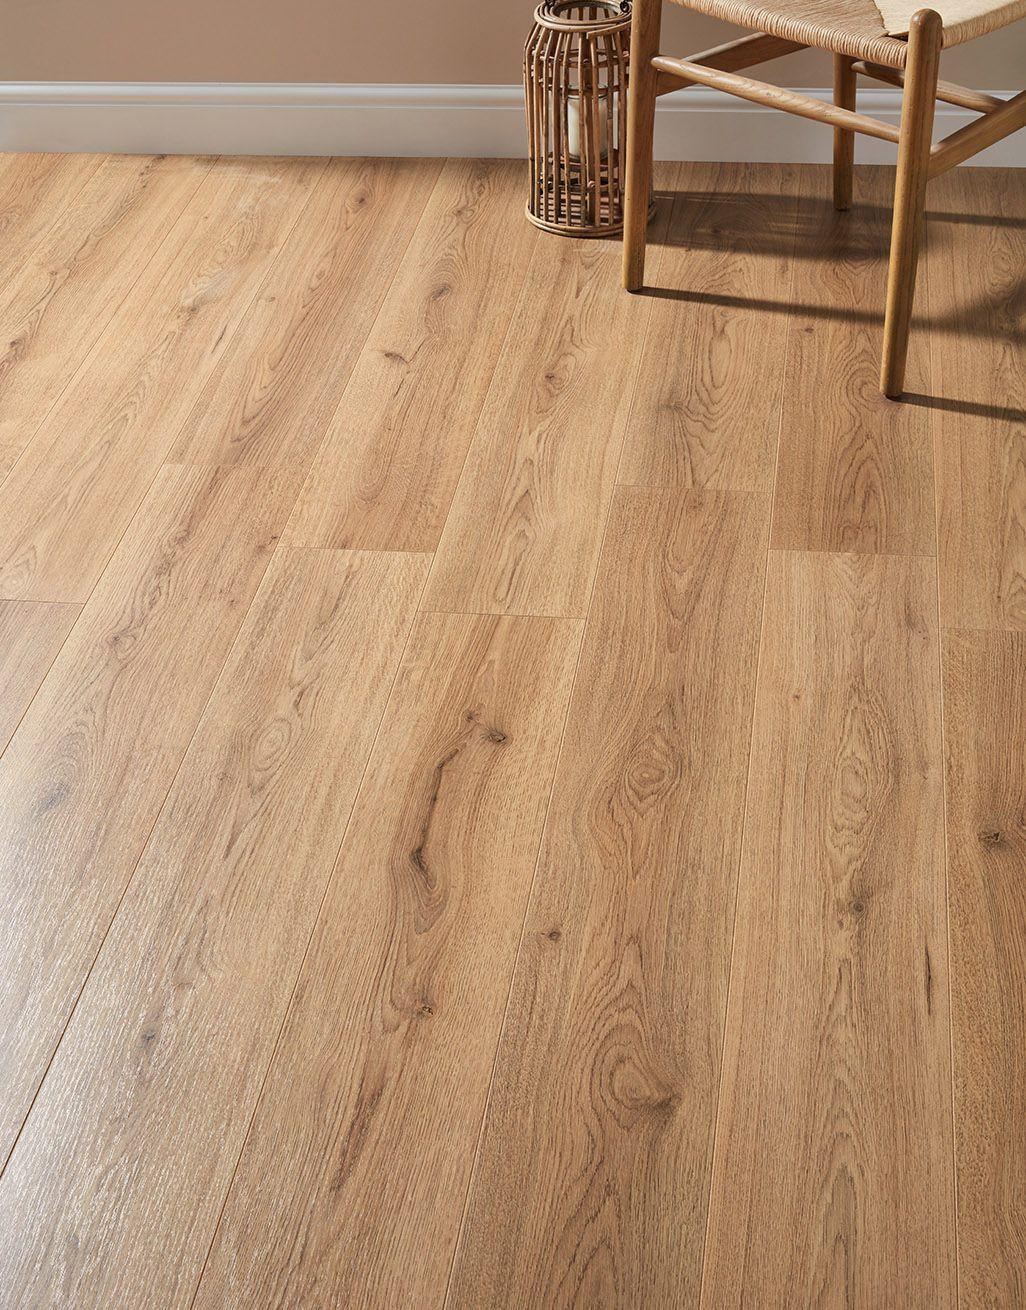 Loft   Natural Oak Laminate Flooring